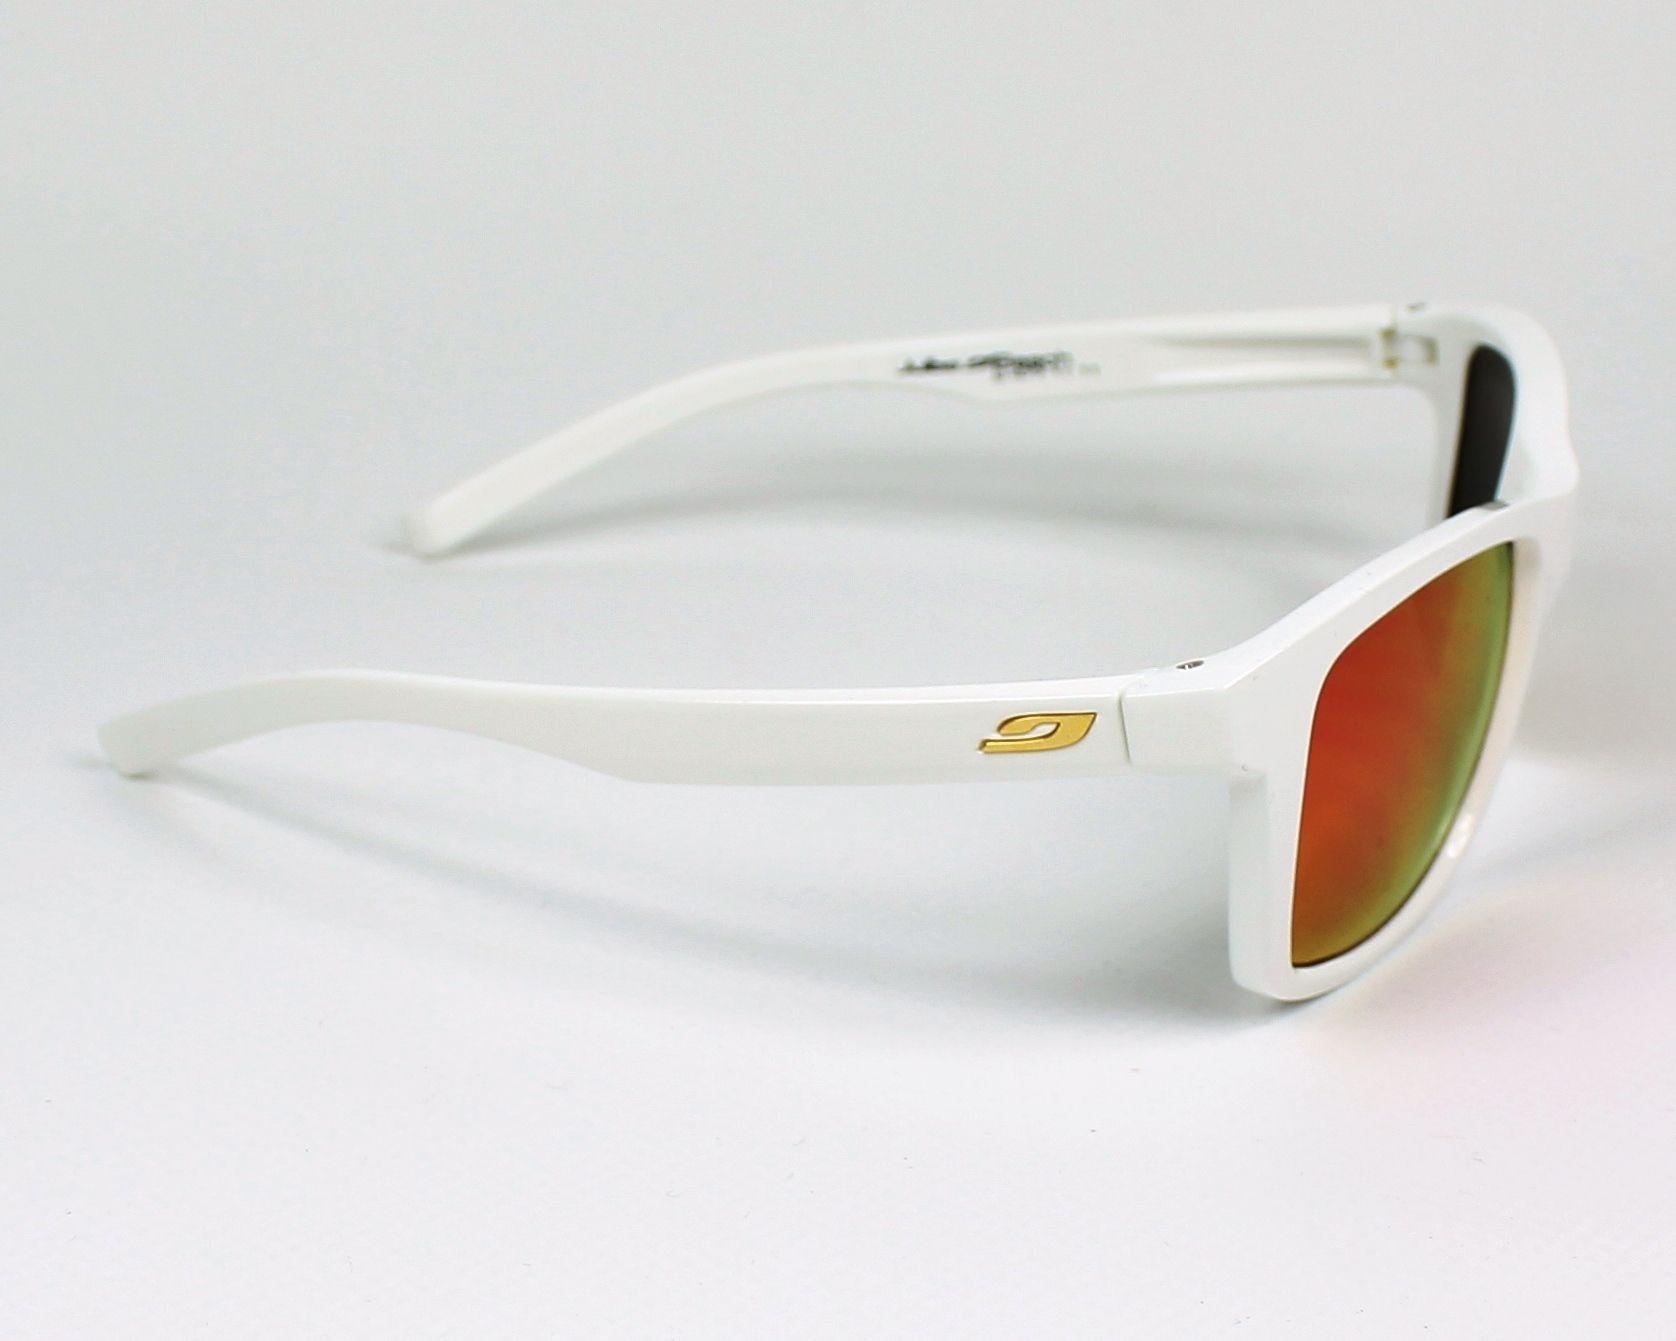 0b5c4c2470 Sunglasses Julbo J477 1111 50-19 White side view